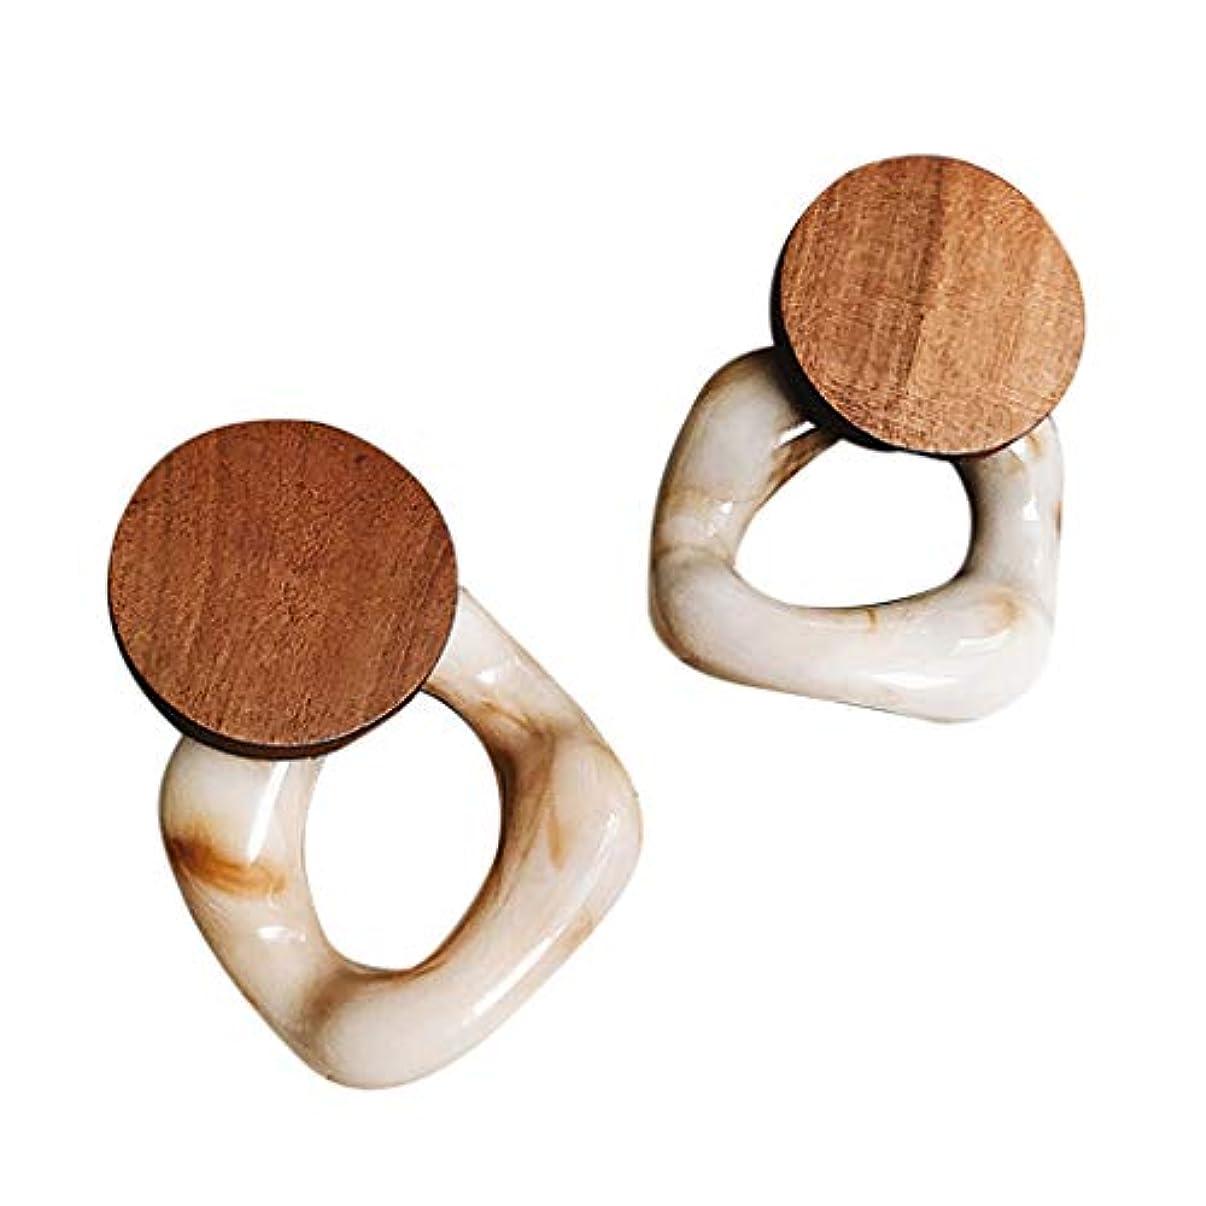 受け入れるインターネット証明Nicircle 女性のための新しいファッション樹脂大イヤリング木製イヤリングジュエリー レトロ 樹脂 イヤリング New Fashion Resin Large Earrings For Women Wooden Earrings Jewelry